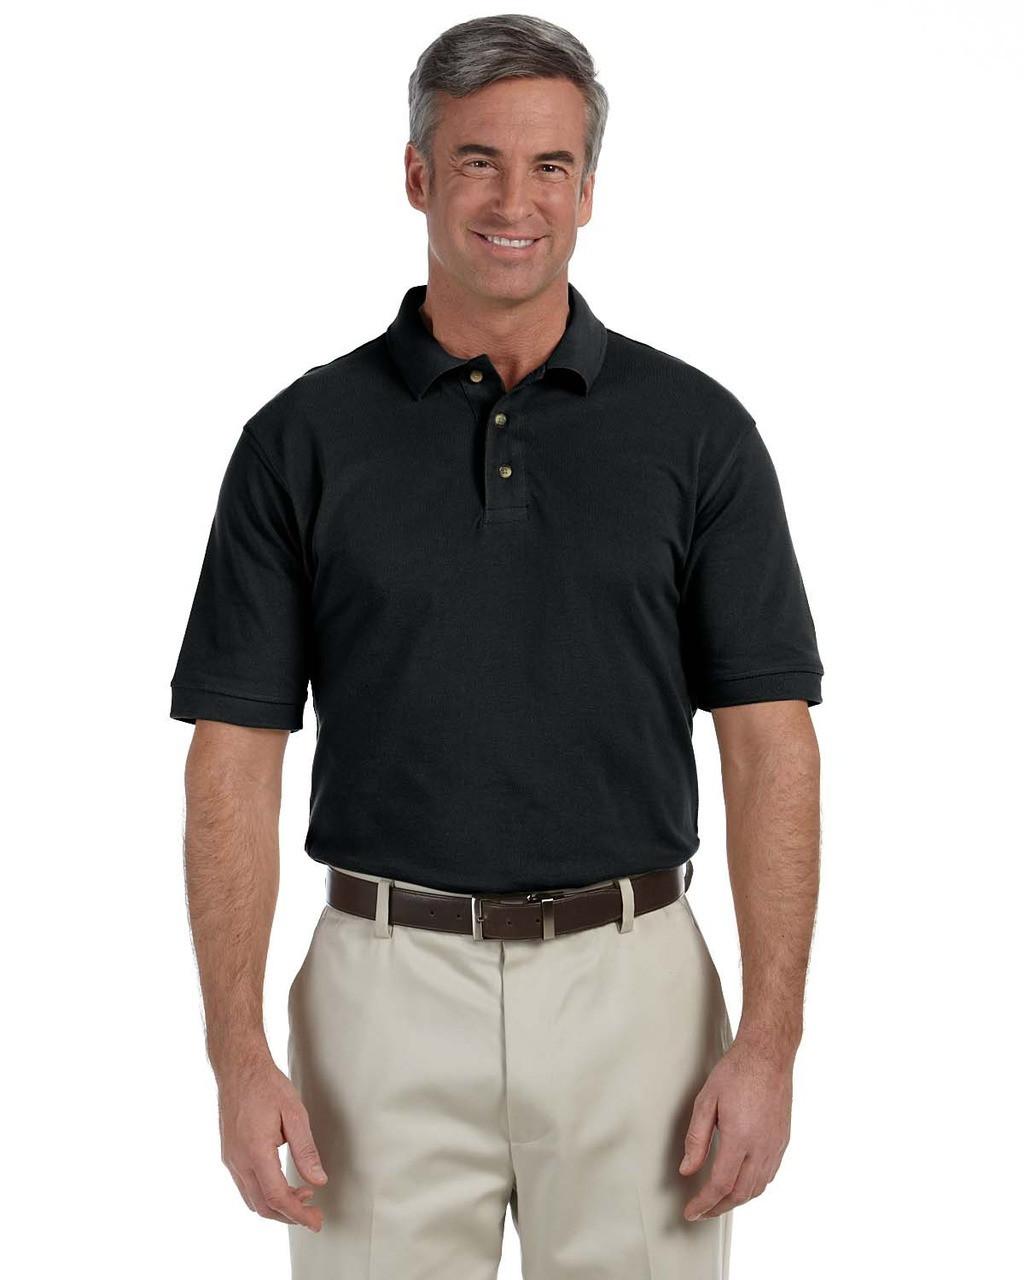 Harriton Youth Ringspun Cotton Piqu/é Short-Sleeve Polo